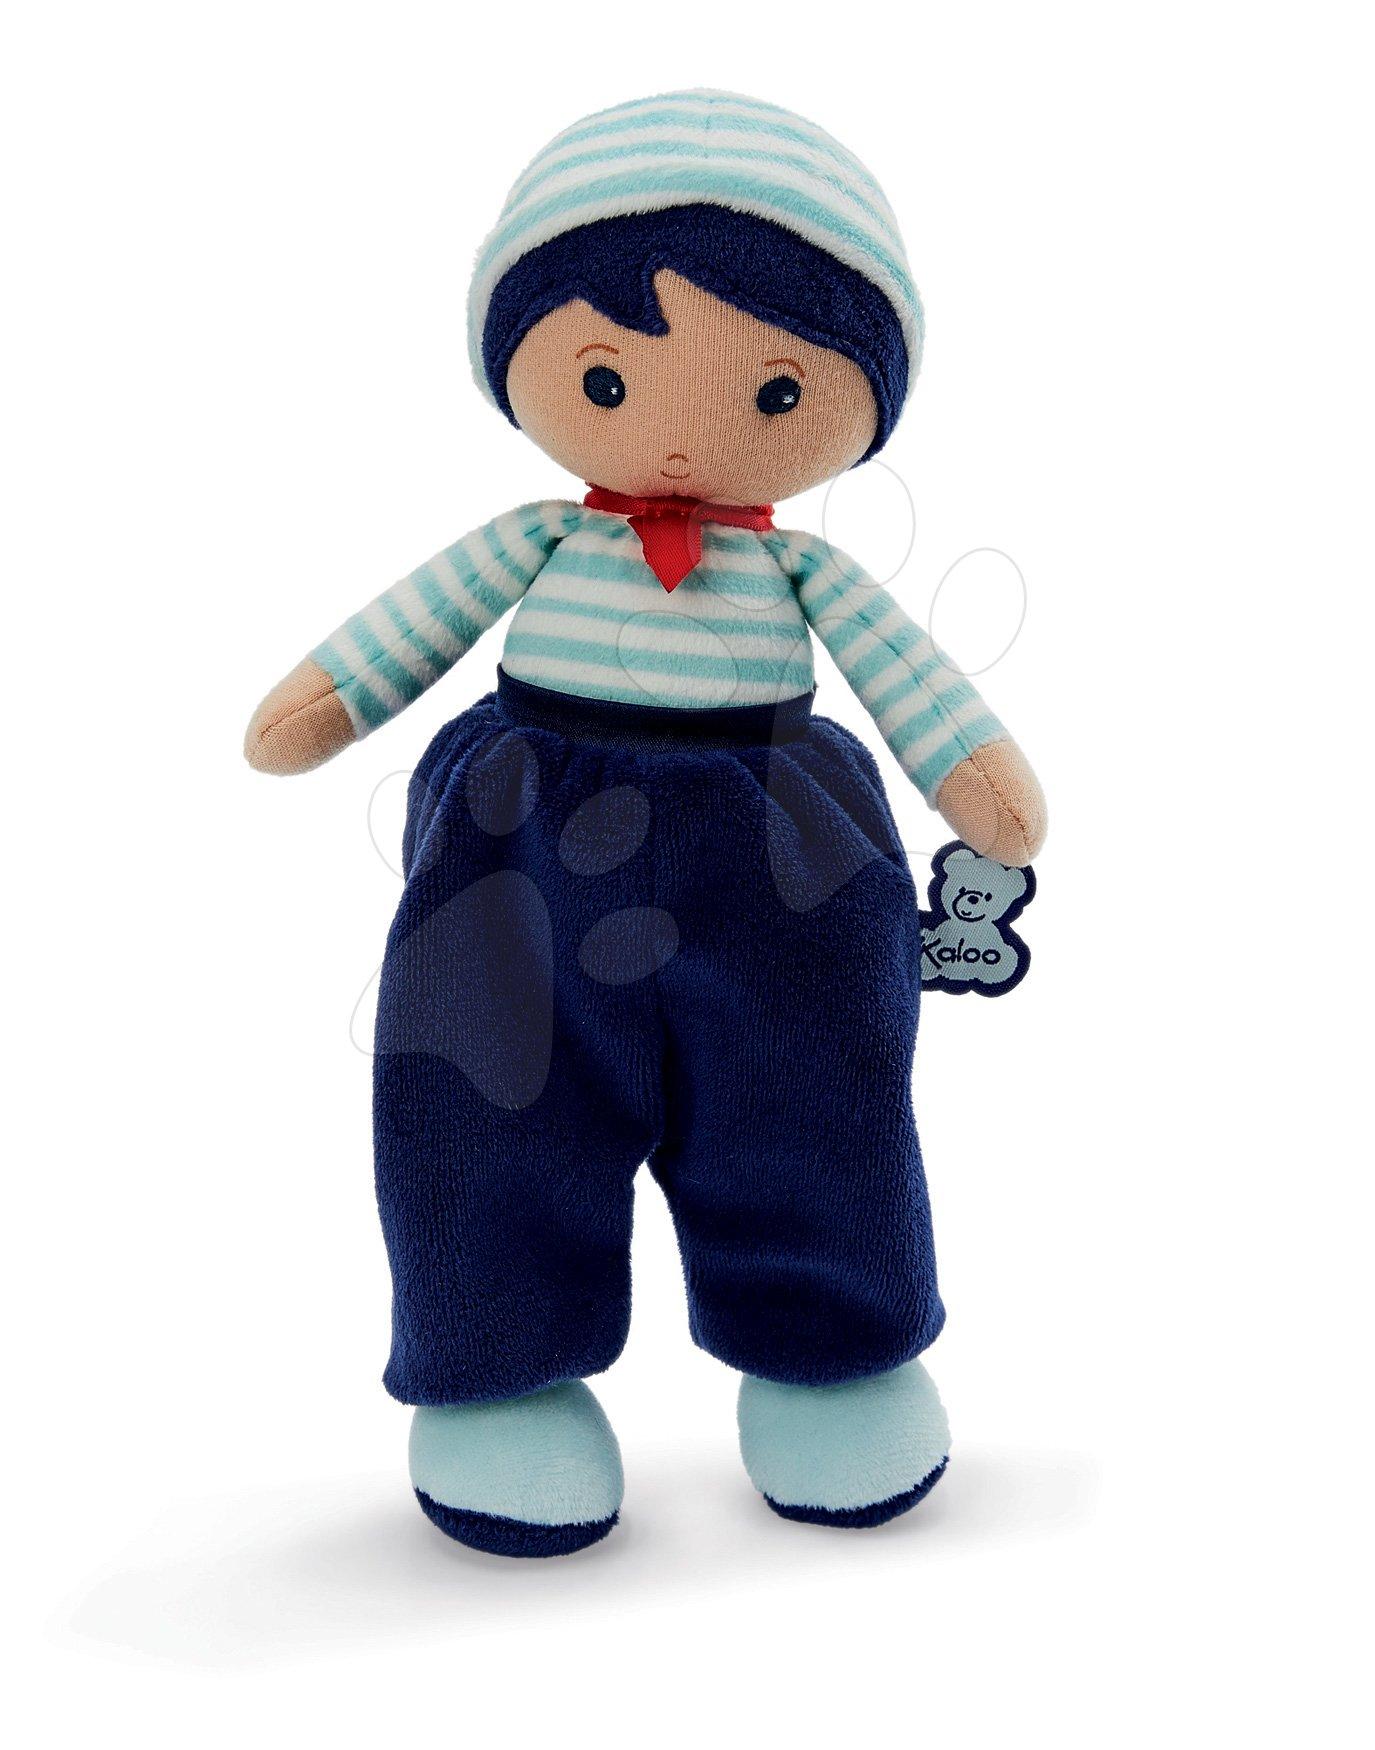 Panenka pro miminka Eliot K Tendresse Kaloo 25 cm v semišových kalhotách z jemného textilu v dárkovém balení od 0 měsíců